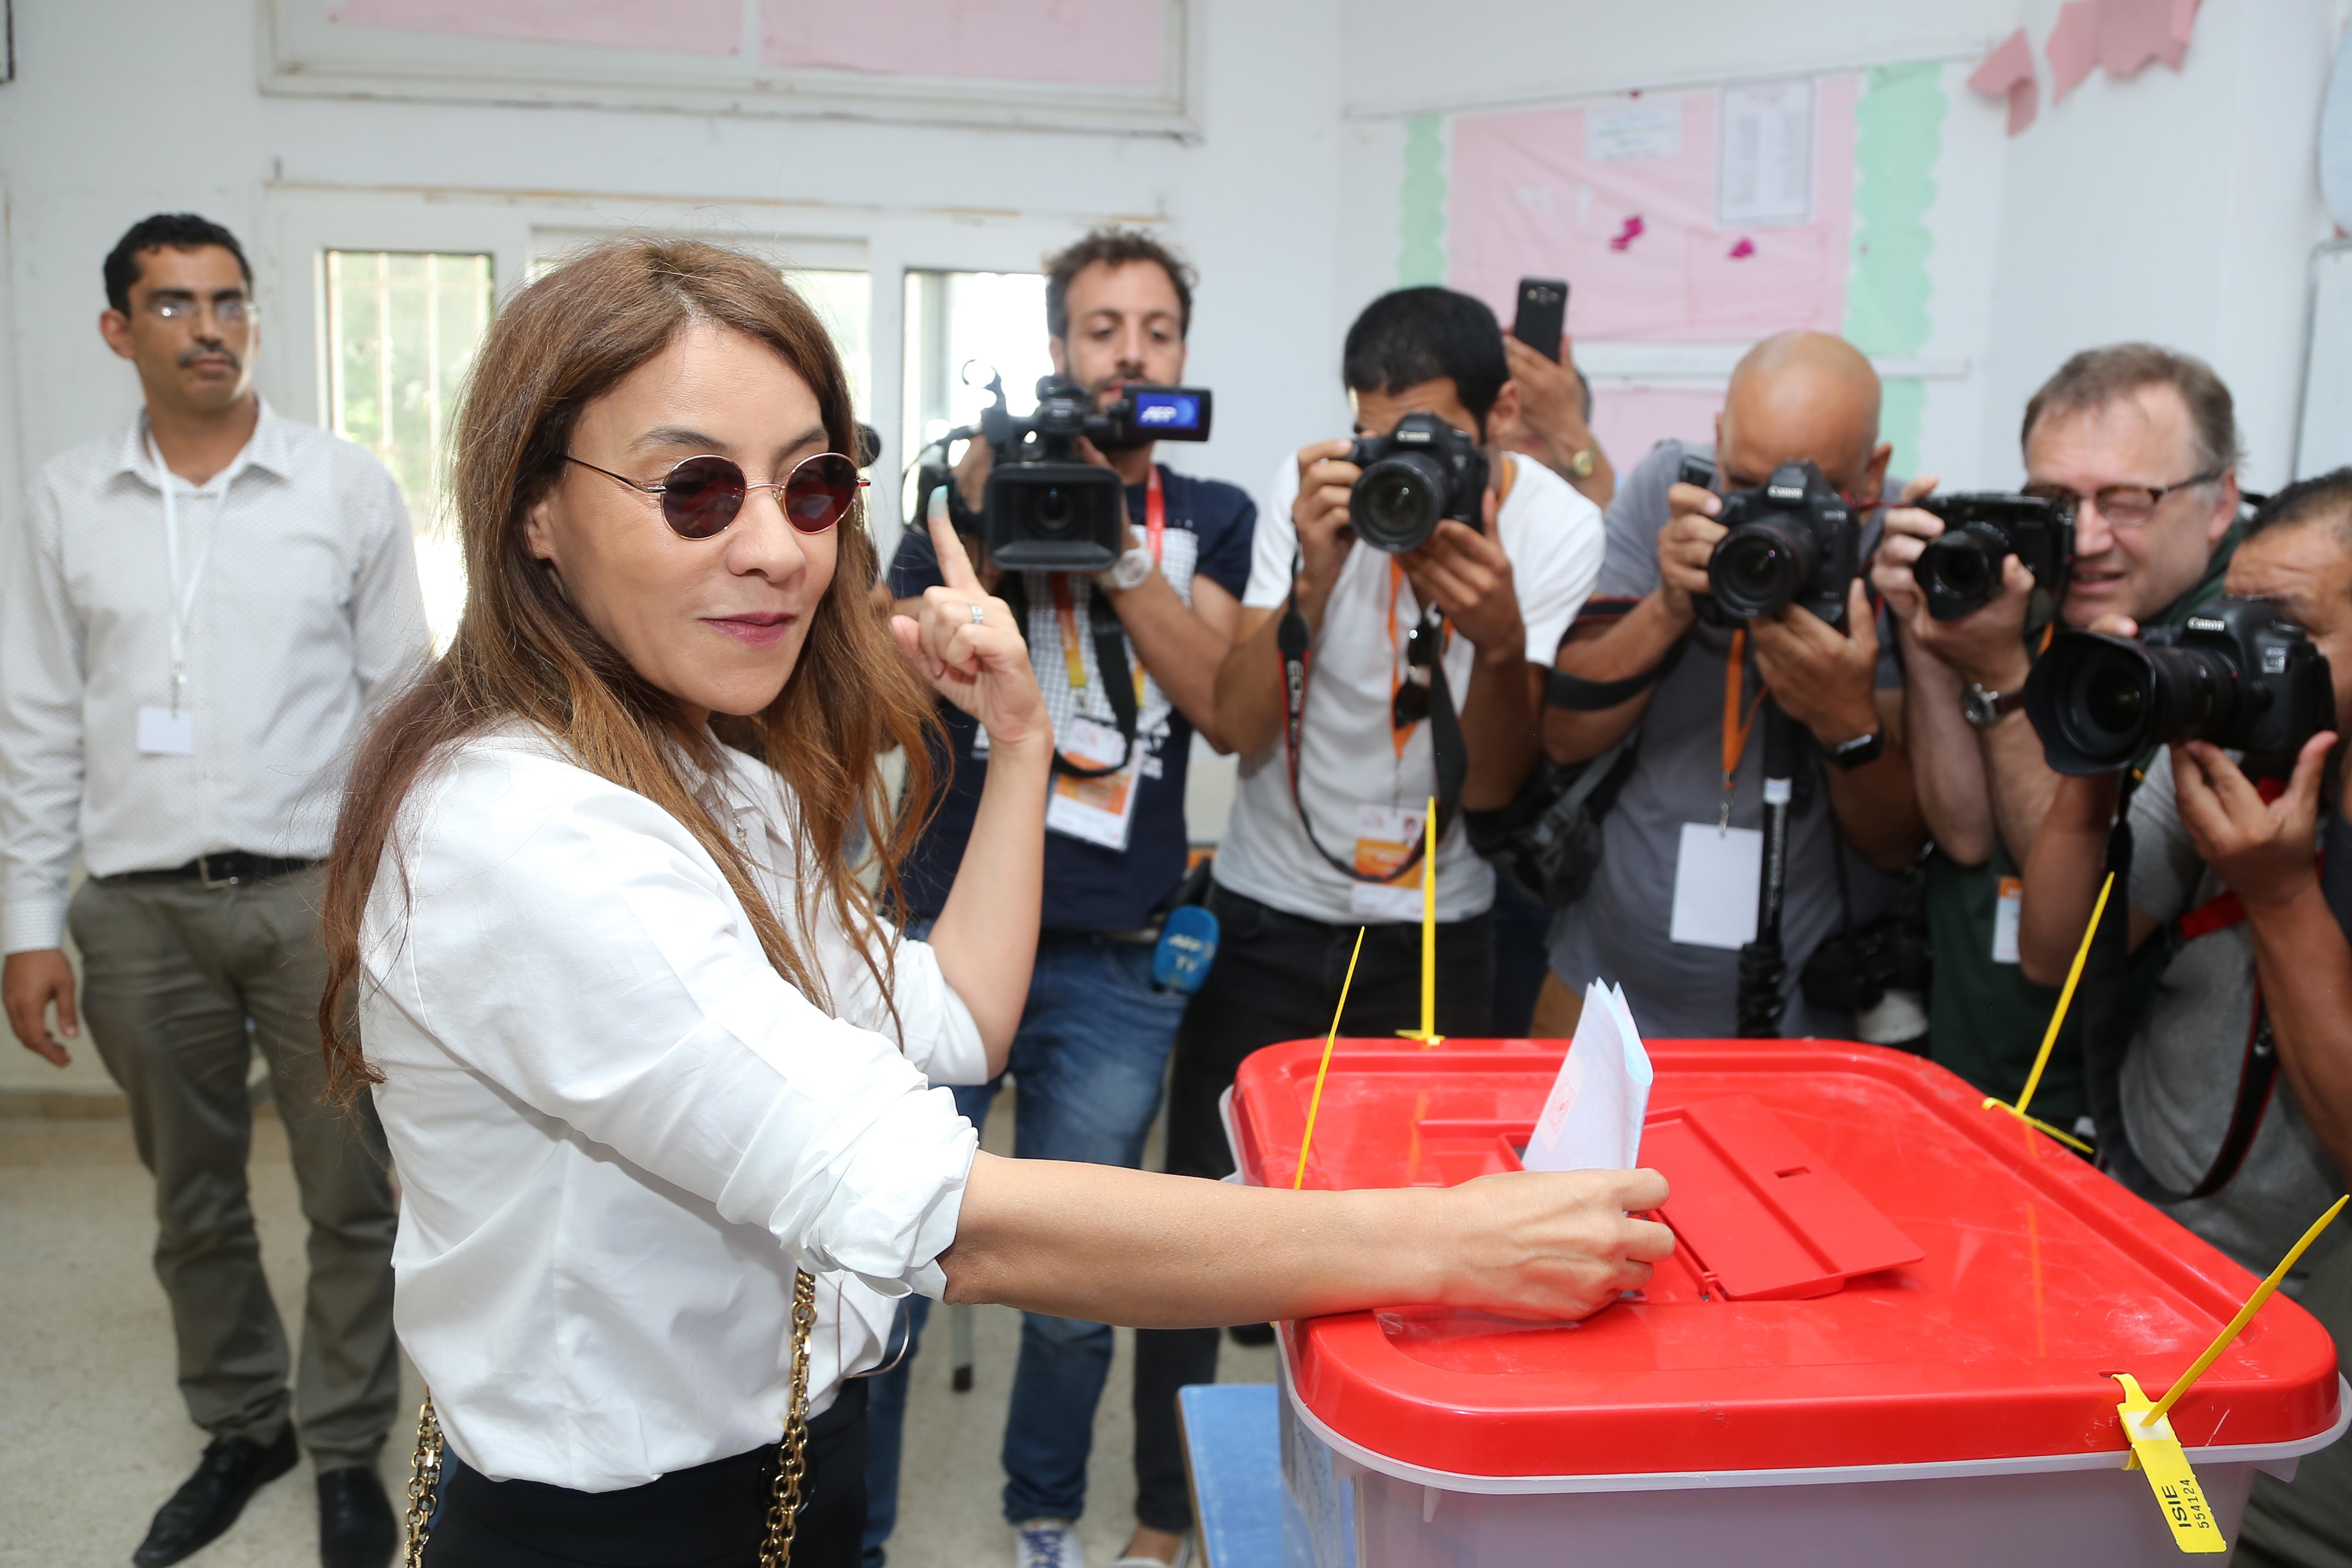 سلمى سماوي زوجة المرشح الرئاسي المحبوس نبيل القروي تدلي بصوتها في الانتخابات التشريعية